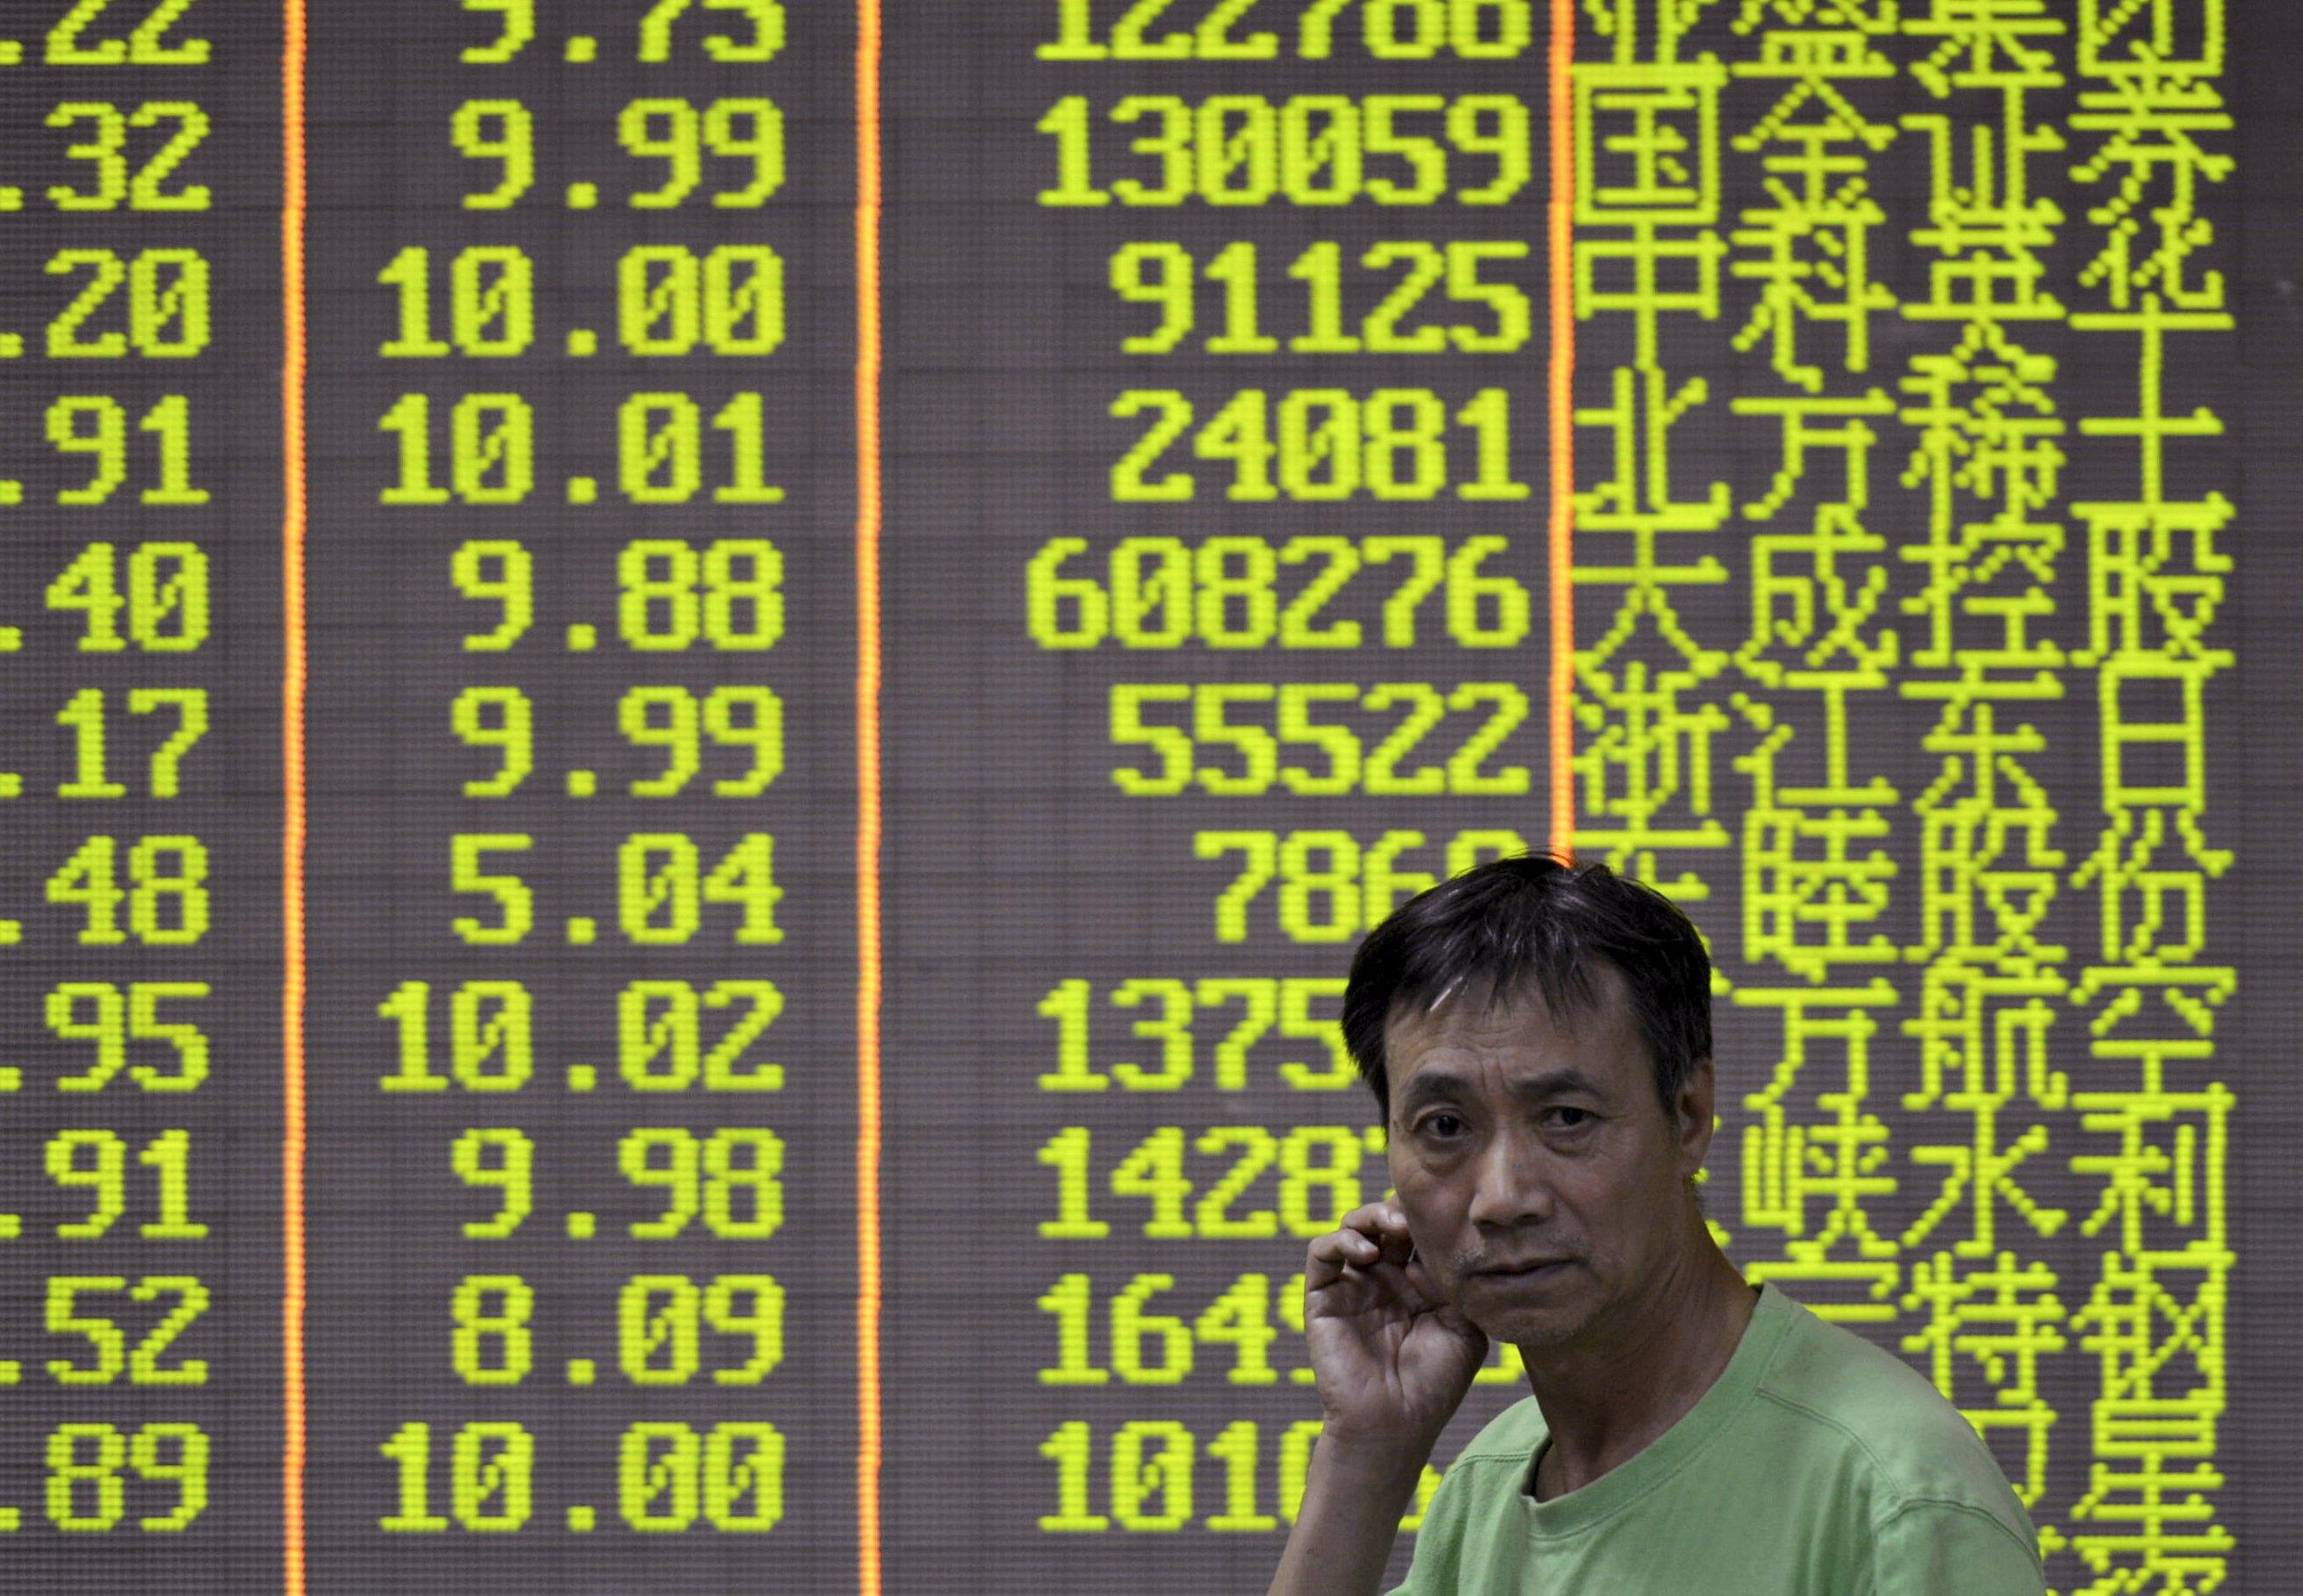 Seorang investor berjalan di depan layar informasi saham di bursa saham di Hangzhou, Provinsi Zheijang, Tiongkok, Rabu (21/10). Indeks acuan Tiongkok merosot hingga 3 persen pada hari Rabu dalam performa harian terburuk mereka selama lima minggu sementara koreksi kecil semakin dalam pada hari itu, memicu penjualan saham pada sore hari ke pasar yang lebih luas. ANTARA FOTO/REUTERS/Stringer.